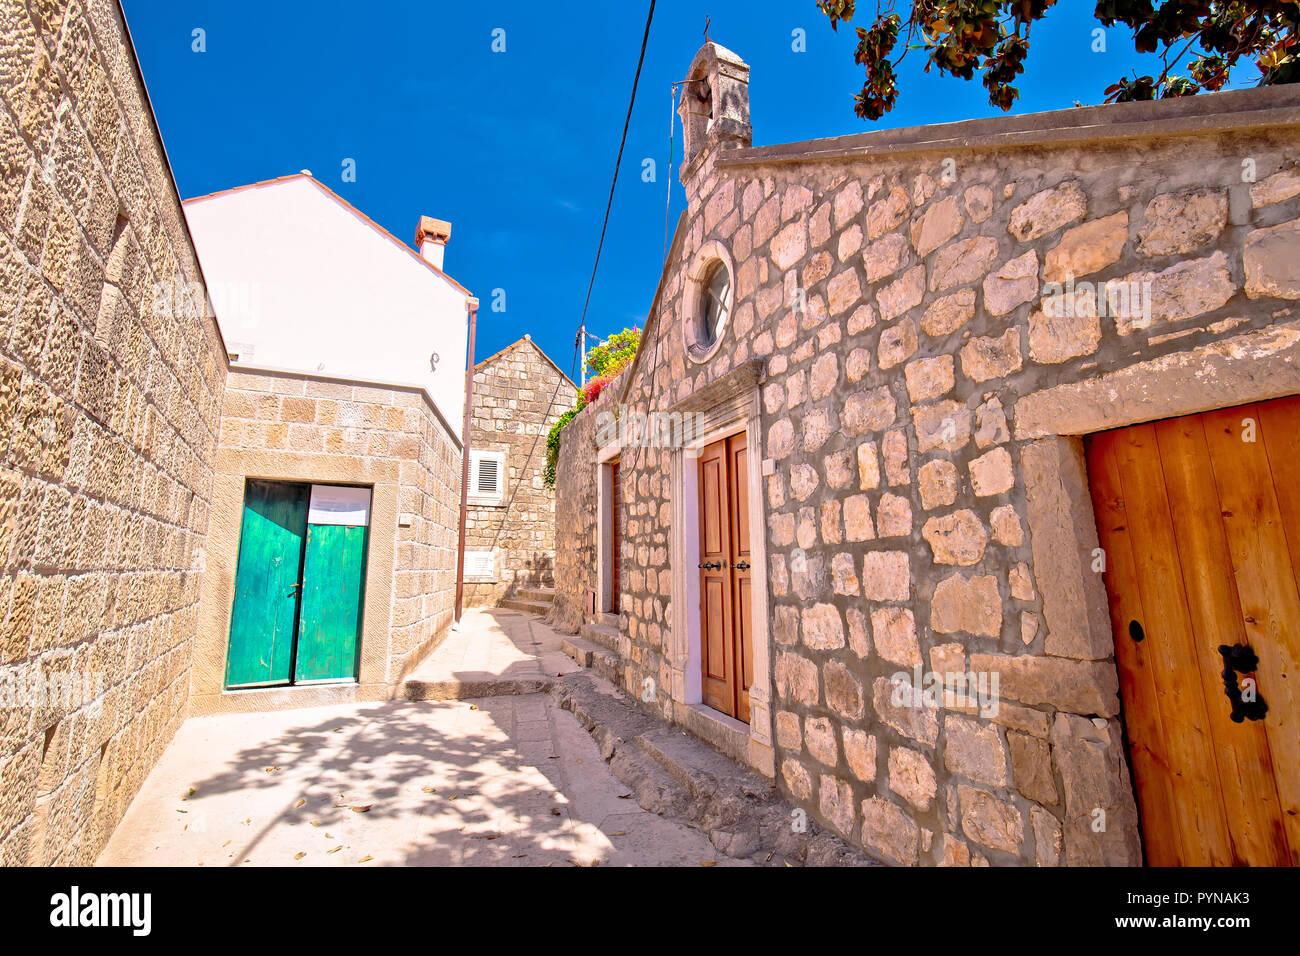 Pierre vieille rue étroite et chapelle à Cavtat, ville de Dalmatie du Sud, Croatie Banque D'Images